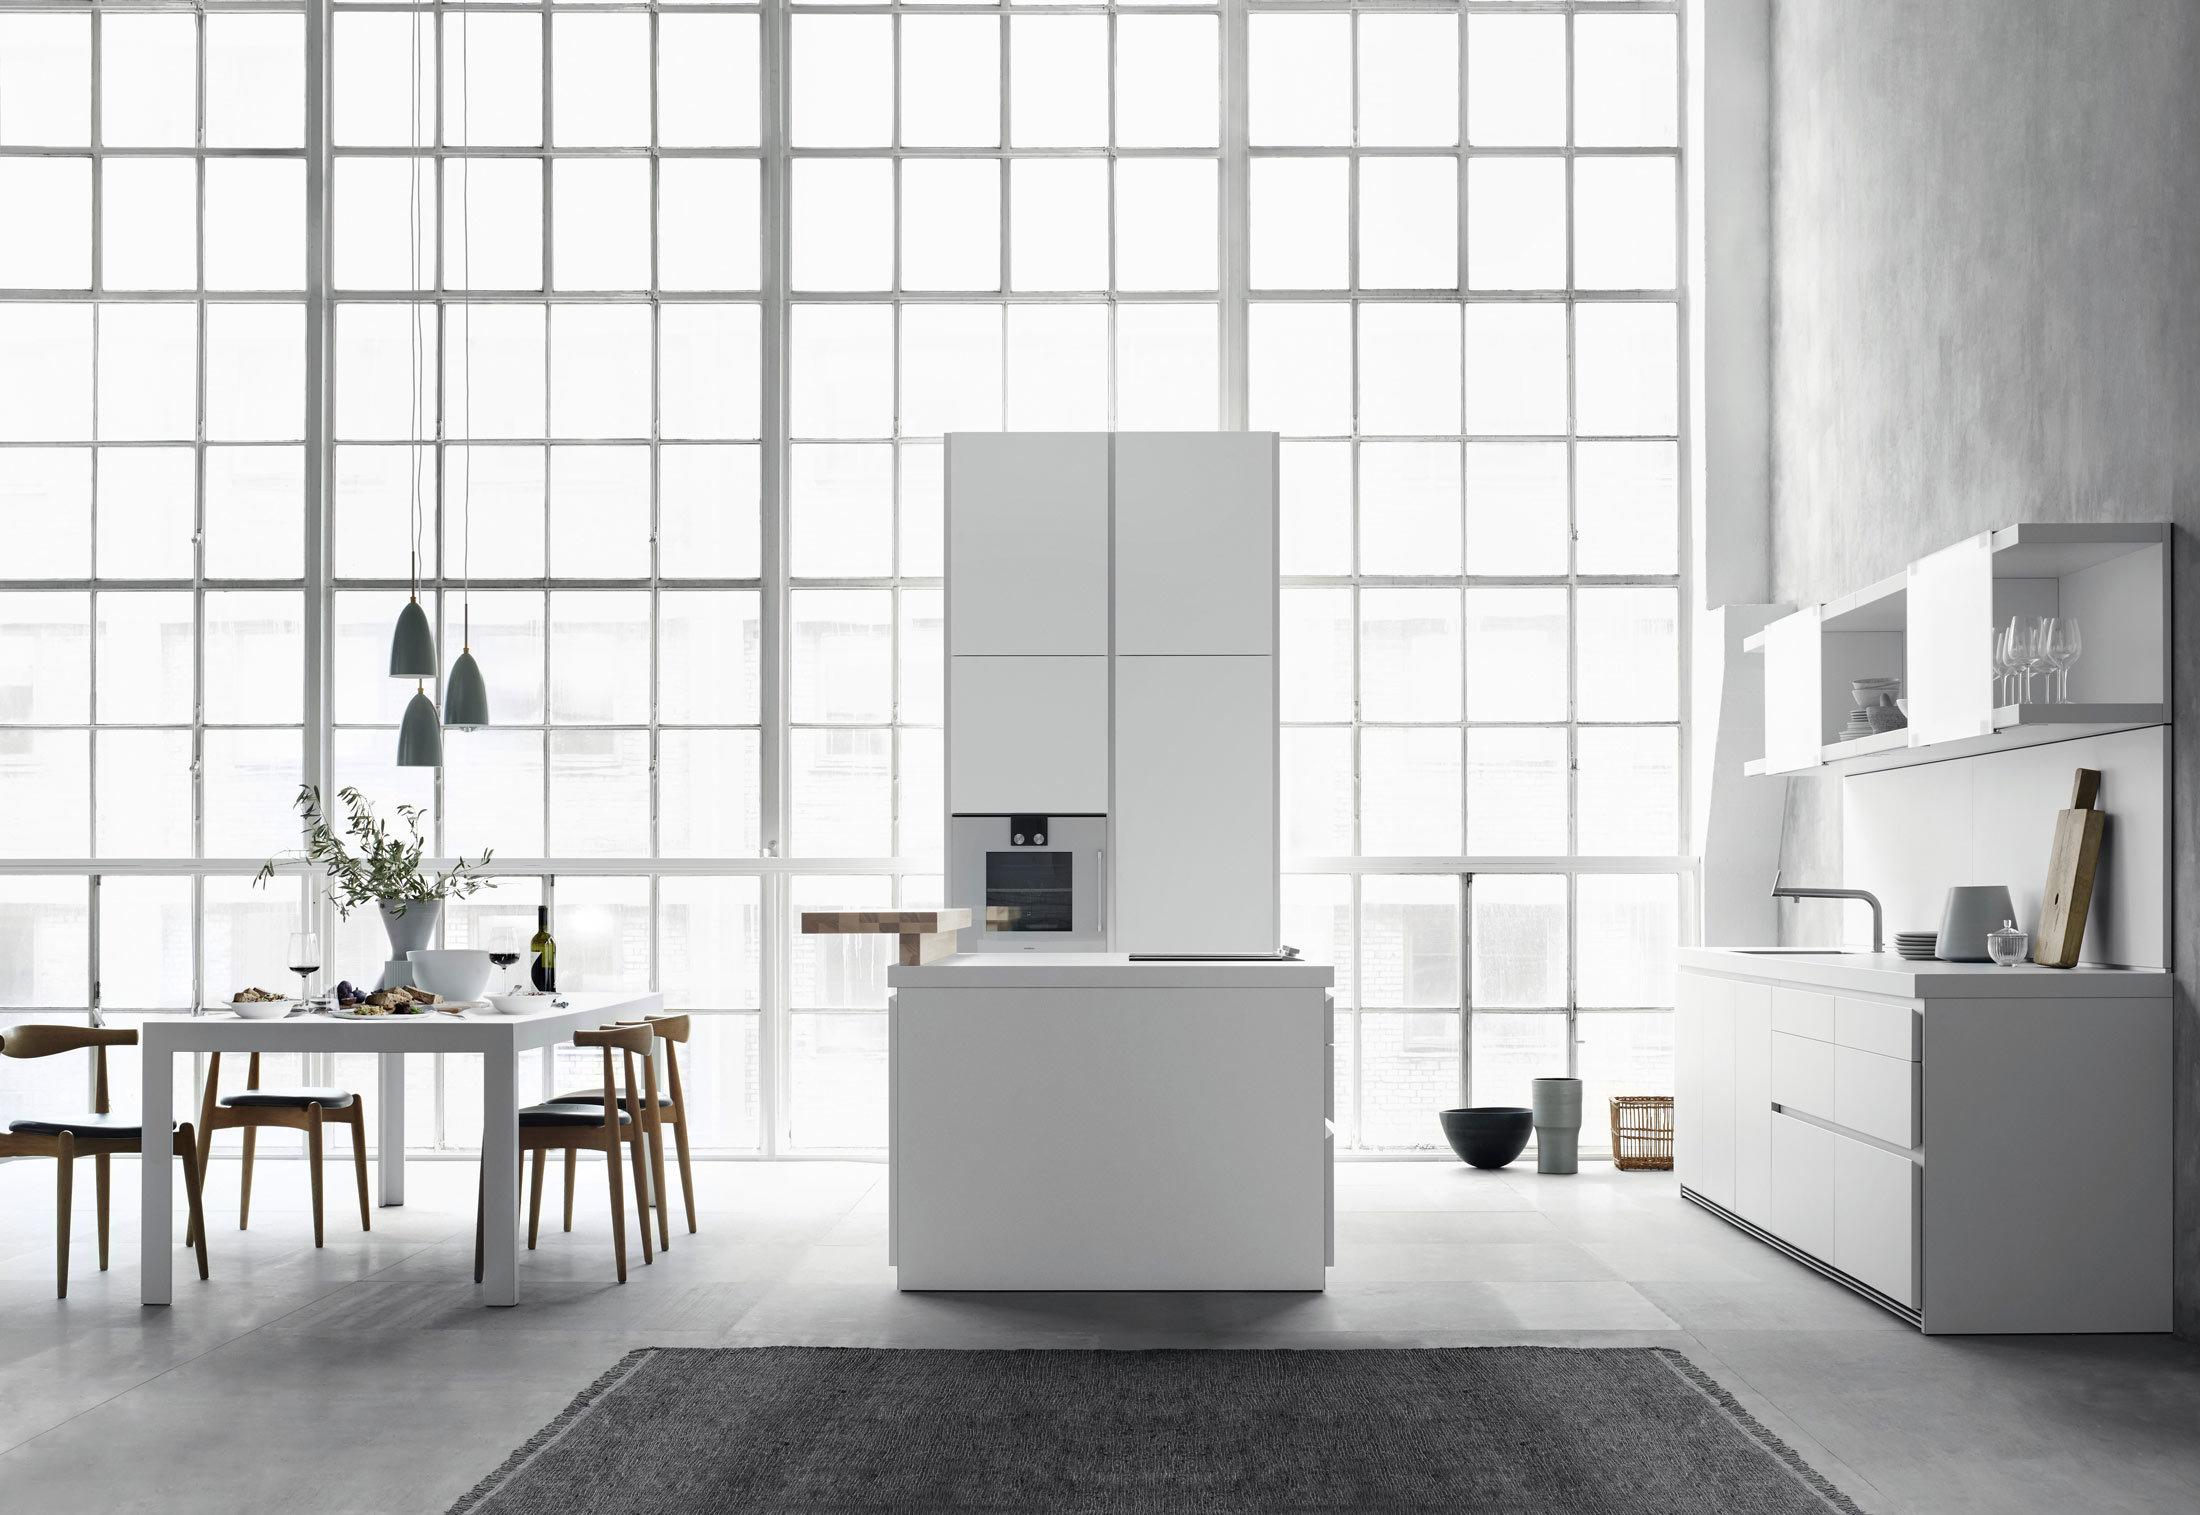 bulthaup-b1-kitchen-sweden